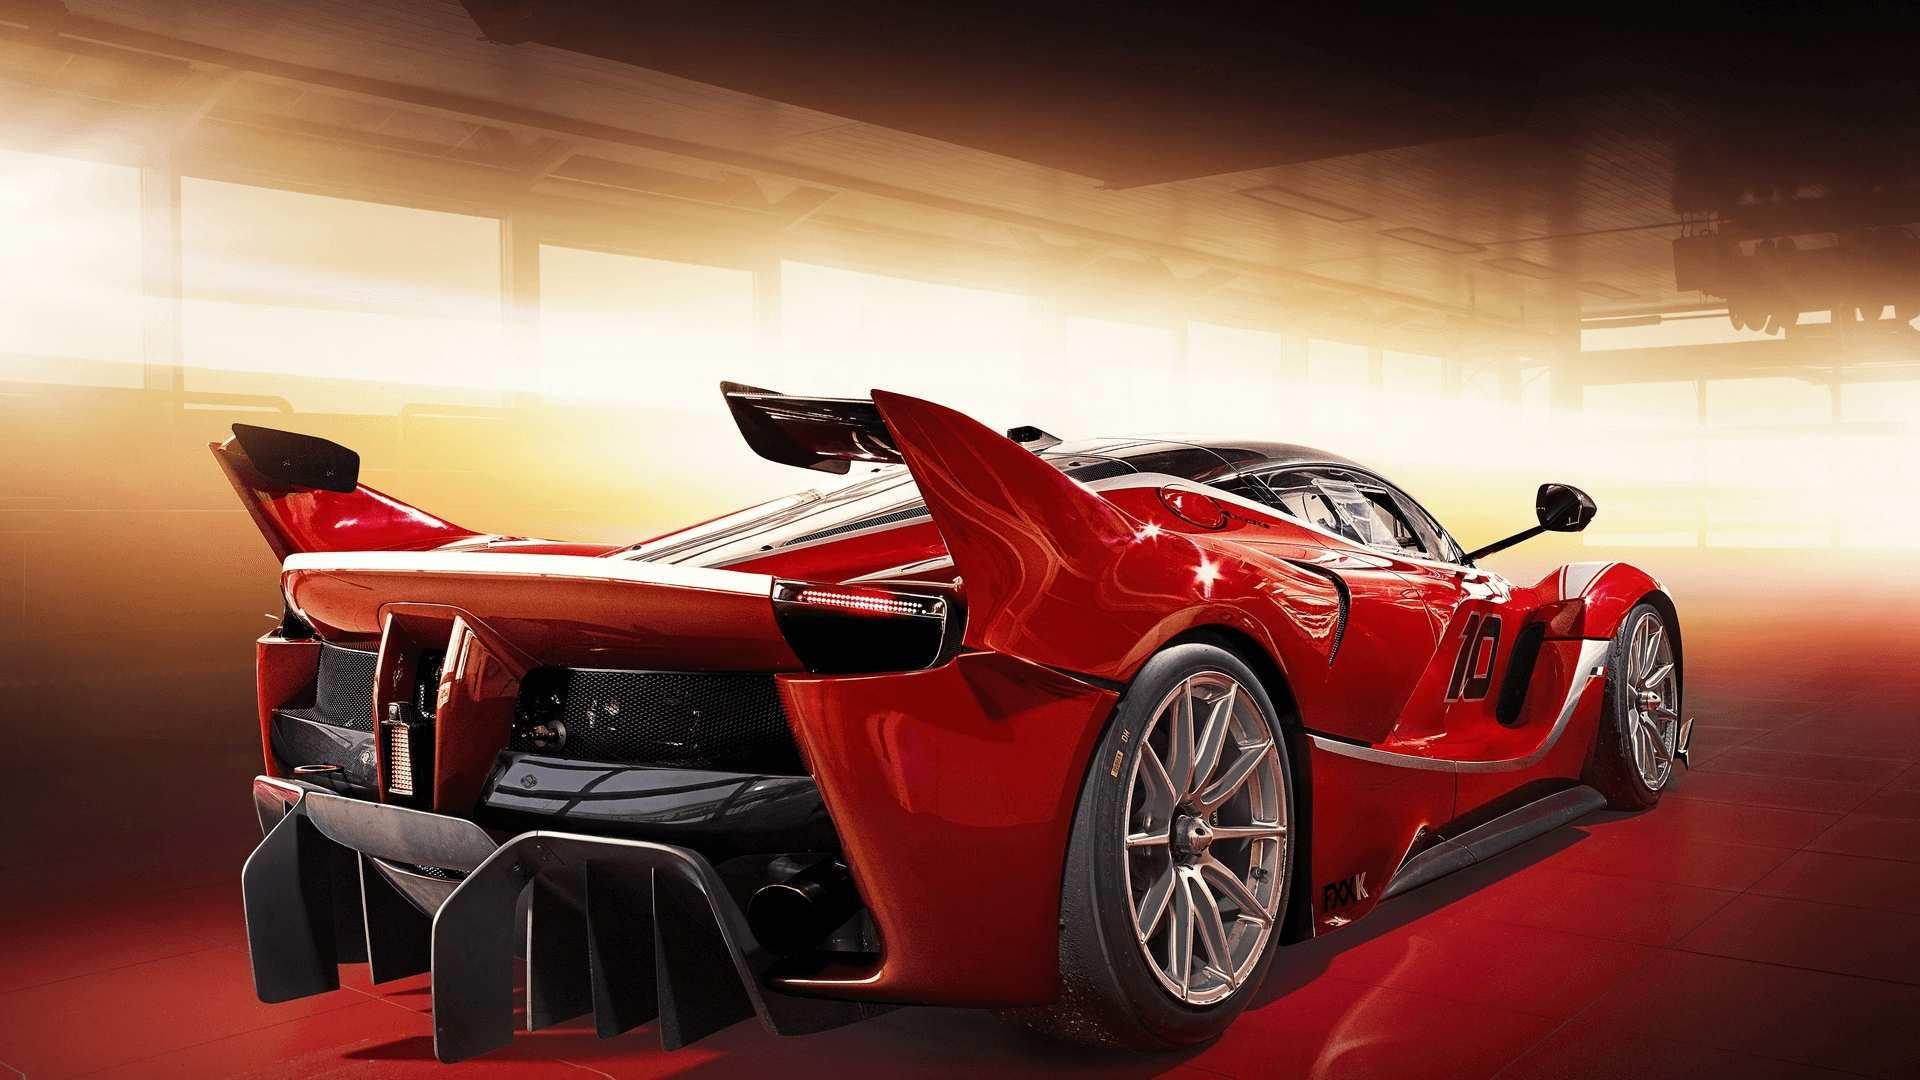 38 Best Review 2019 Ferrari Hybrid Overview by 2019 Ferrari Hybrid